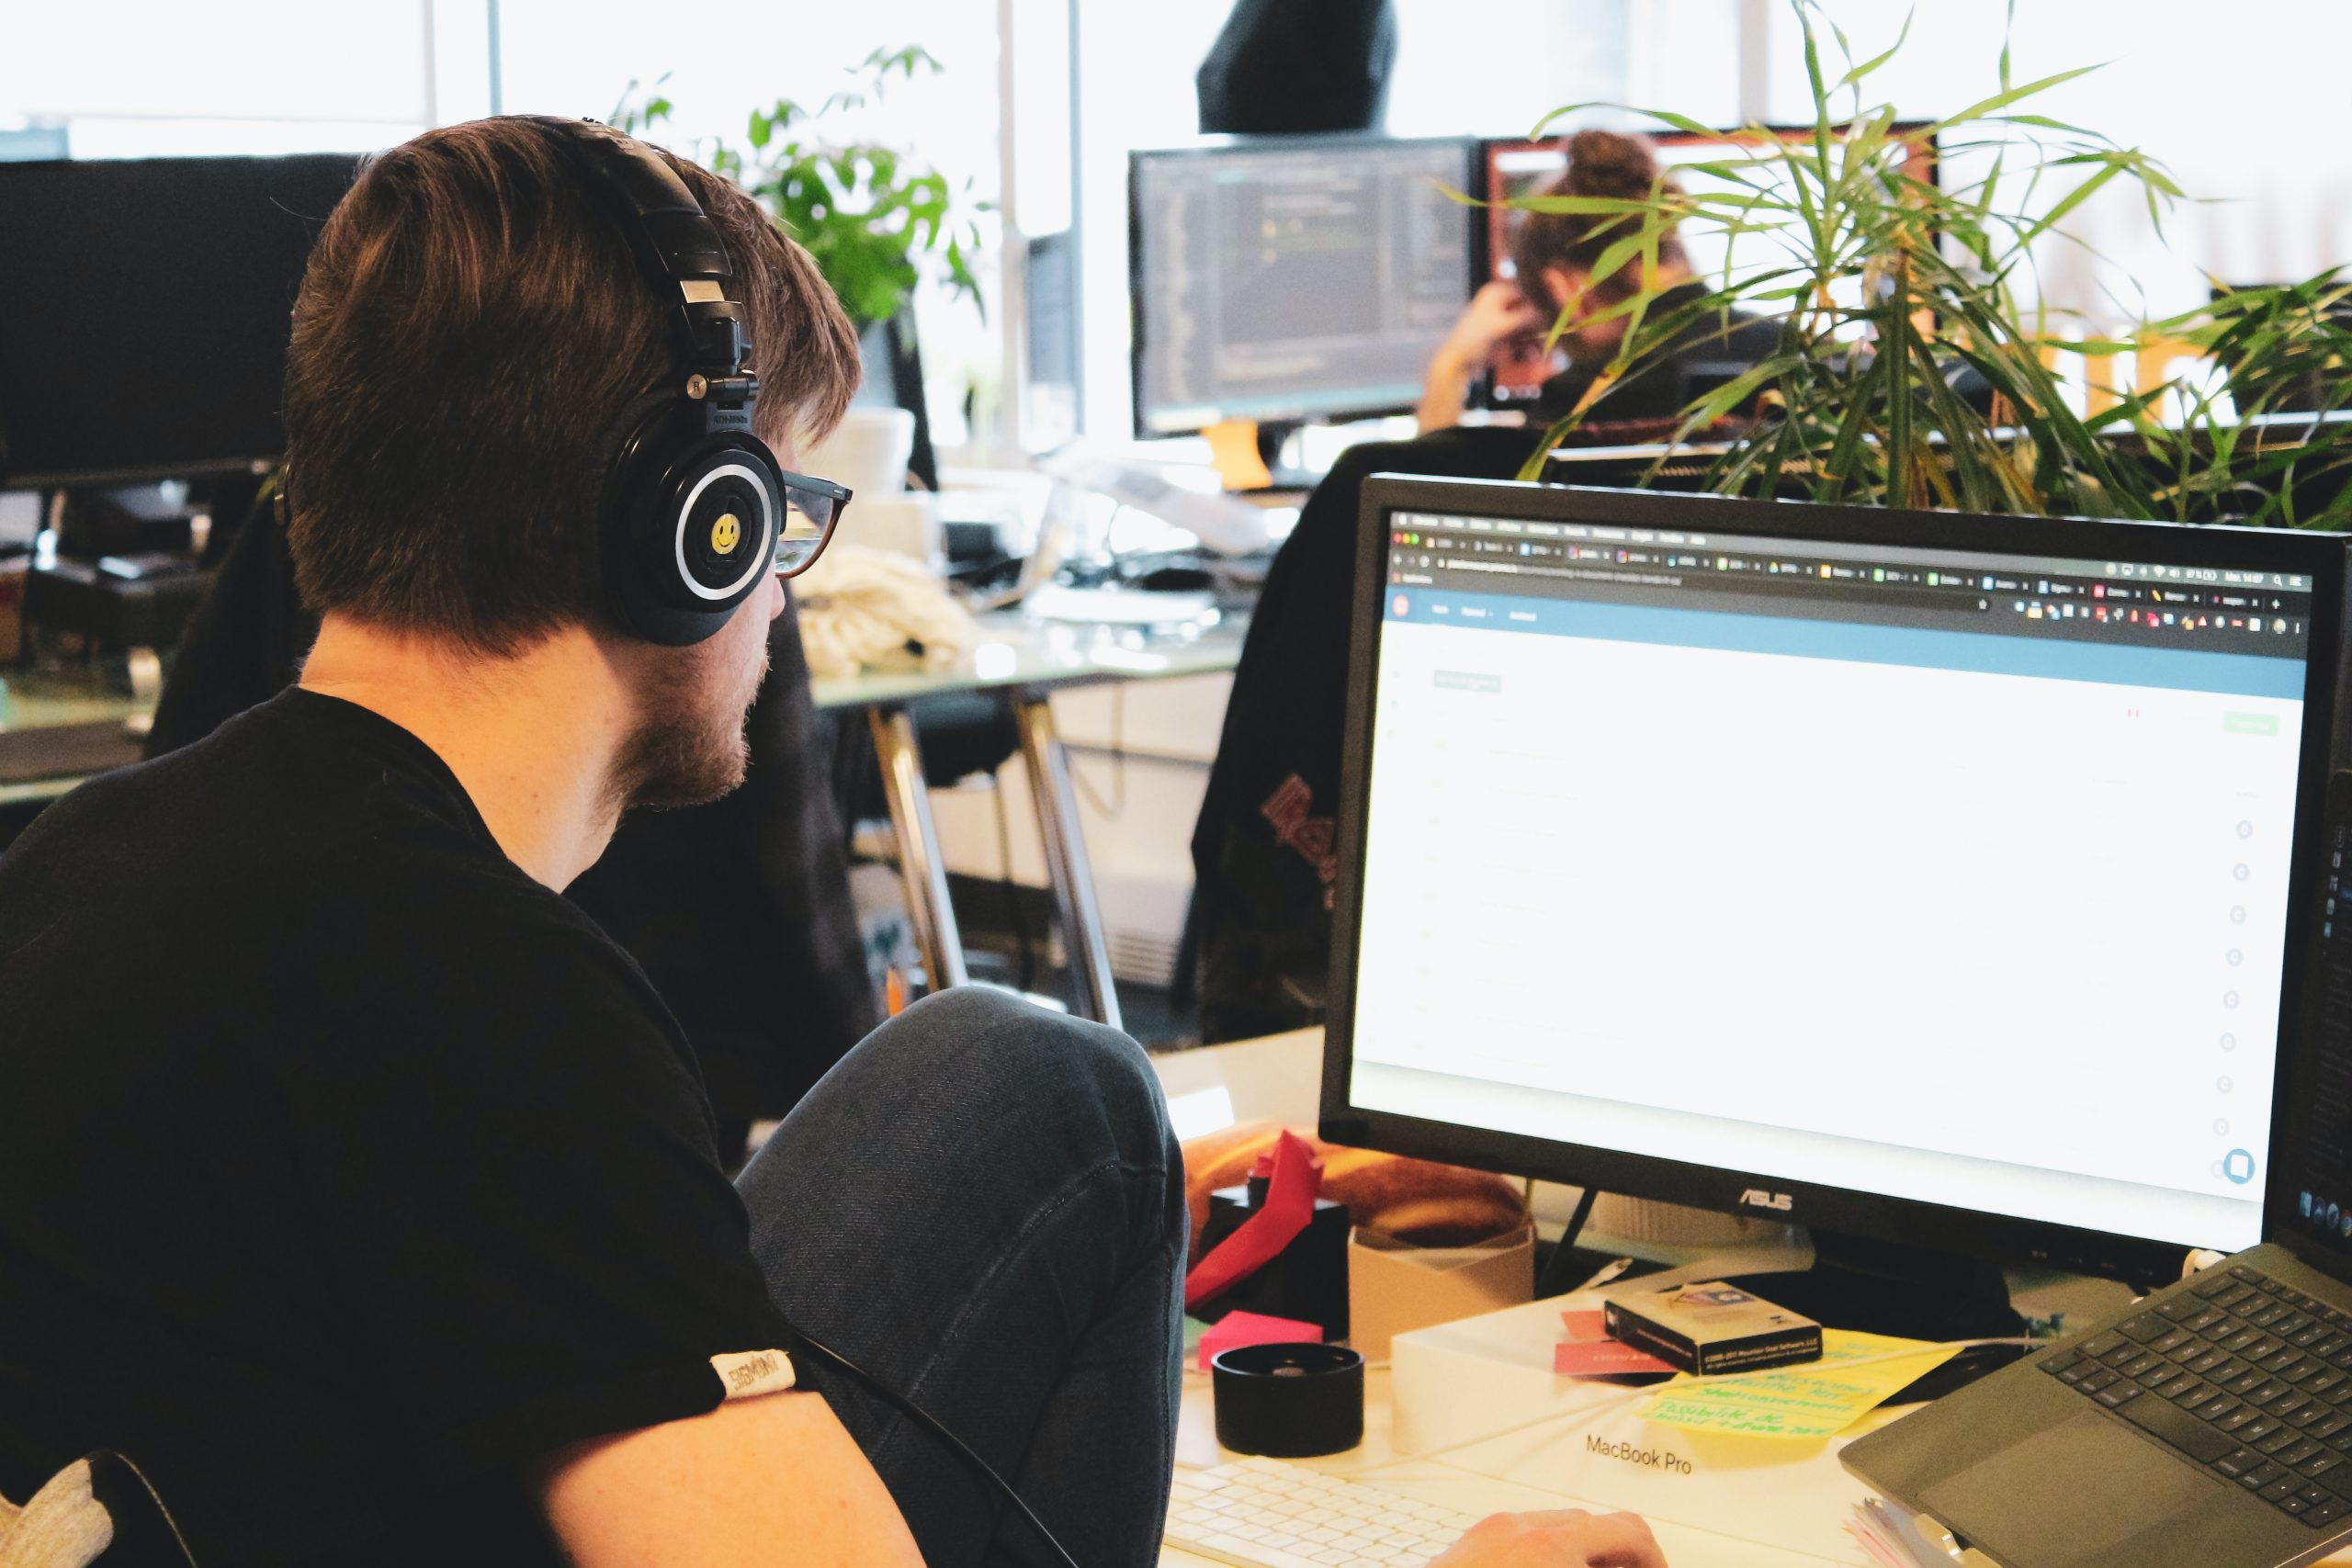 Joven frente a ordenador usando auriculares de diadema